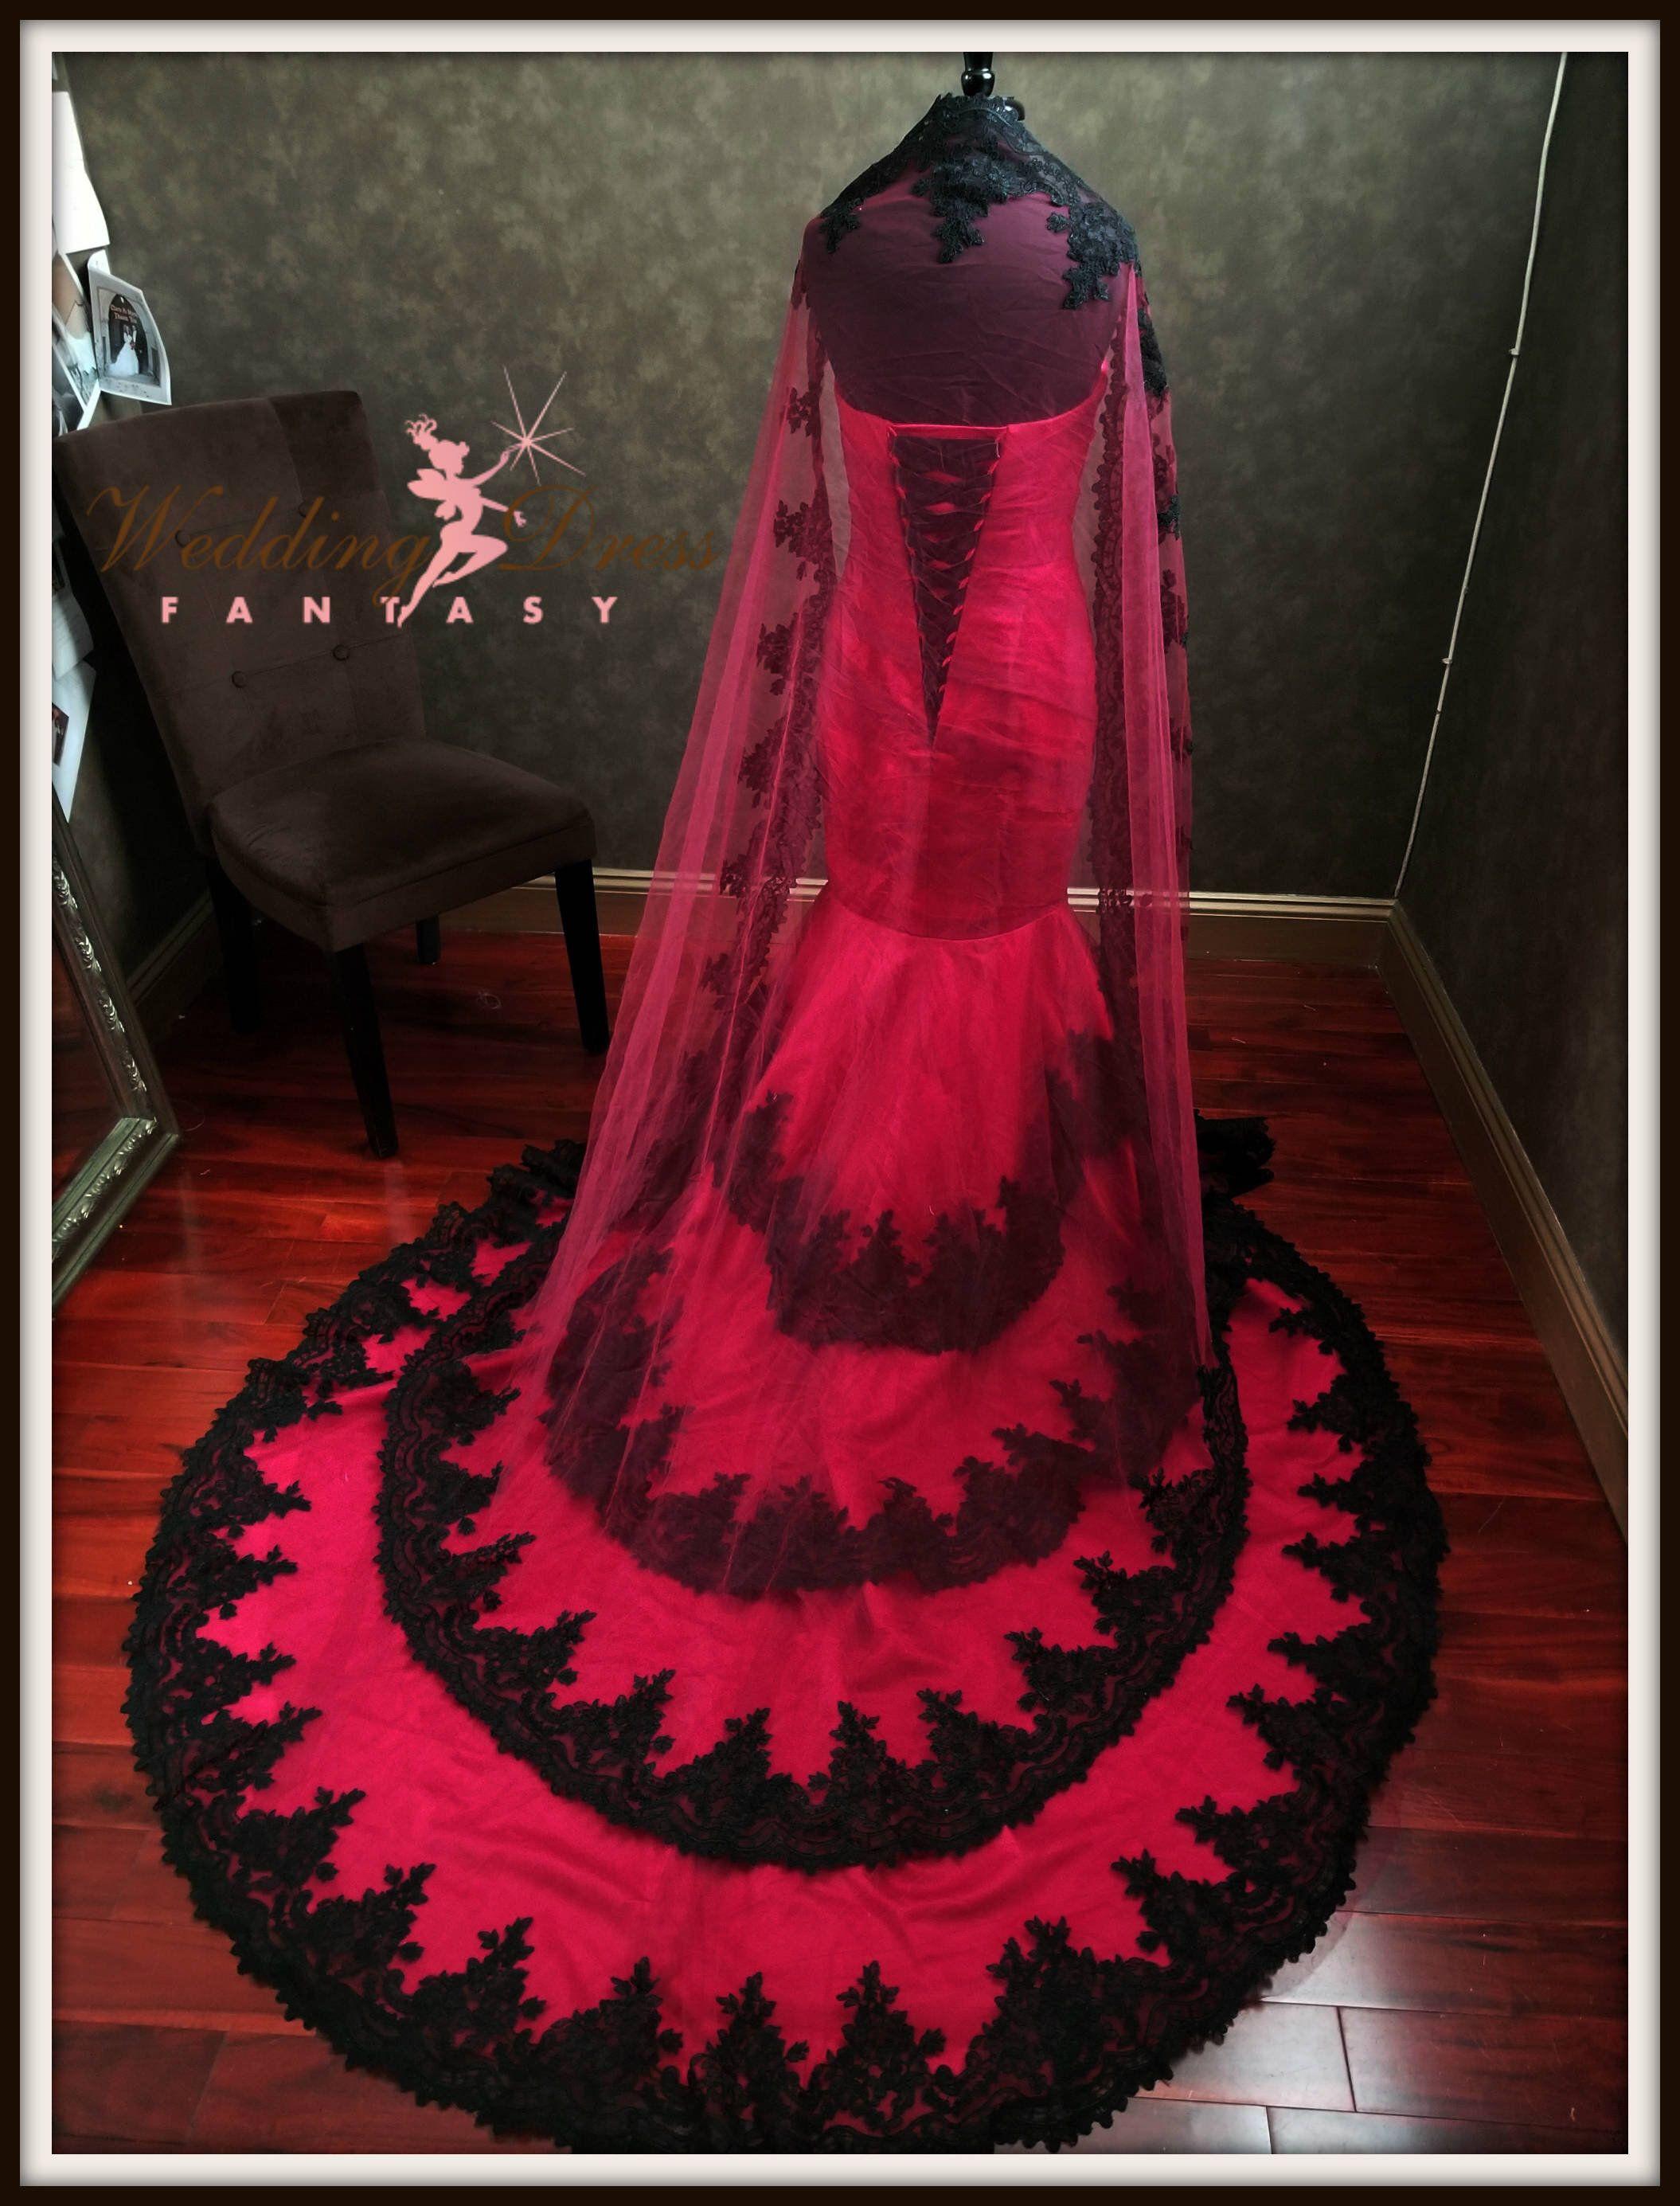 3df7db78c Red and Black Wedding Dress, Red Bridal Gown, Gothic Wedding Dress,  Alternative Wedding